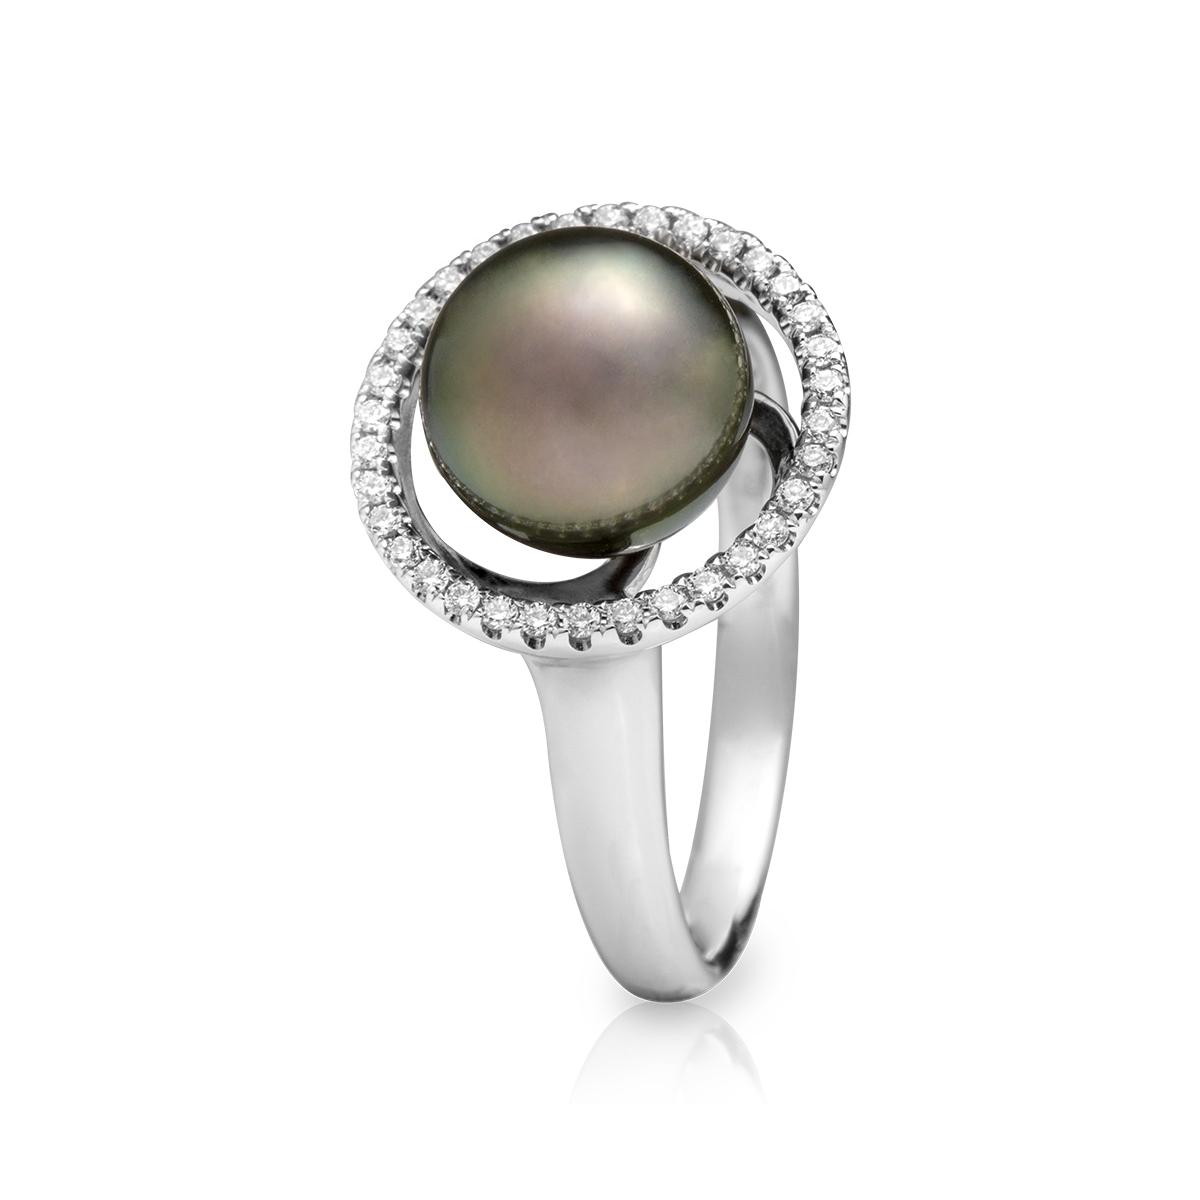 2be5d1f05c64 Anillo en oro blanco con perla y brillantes — JQUIRÓS